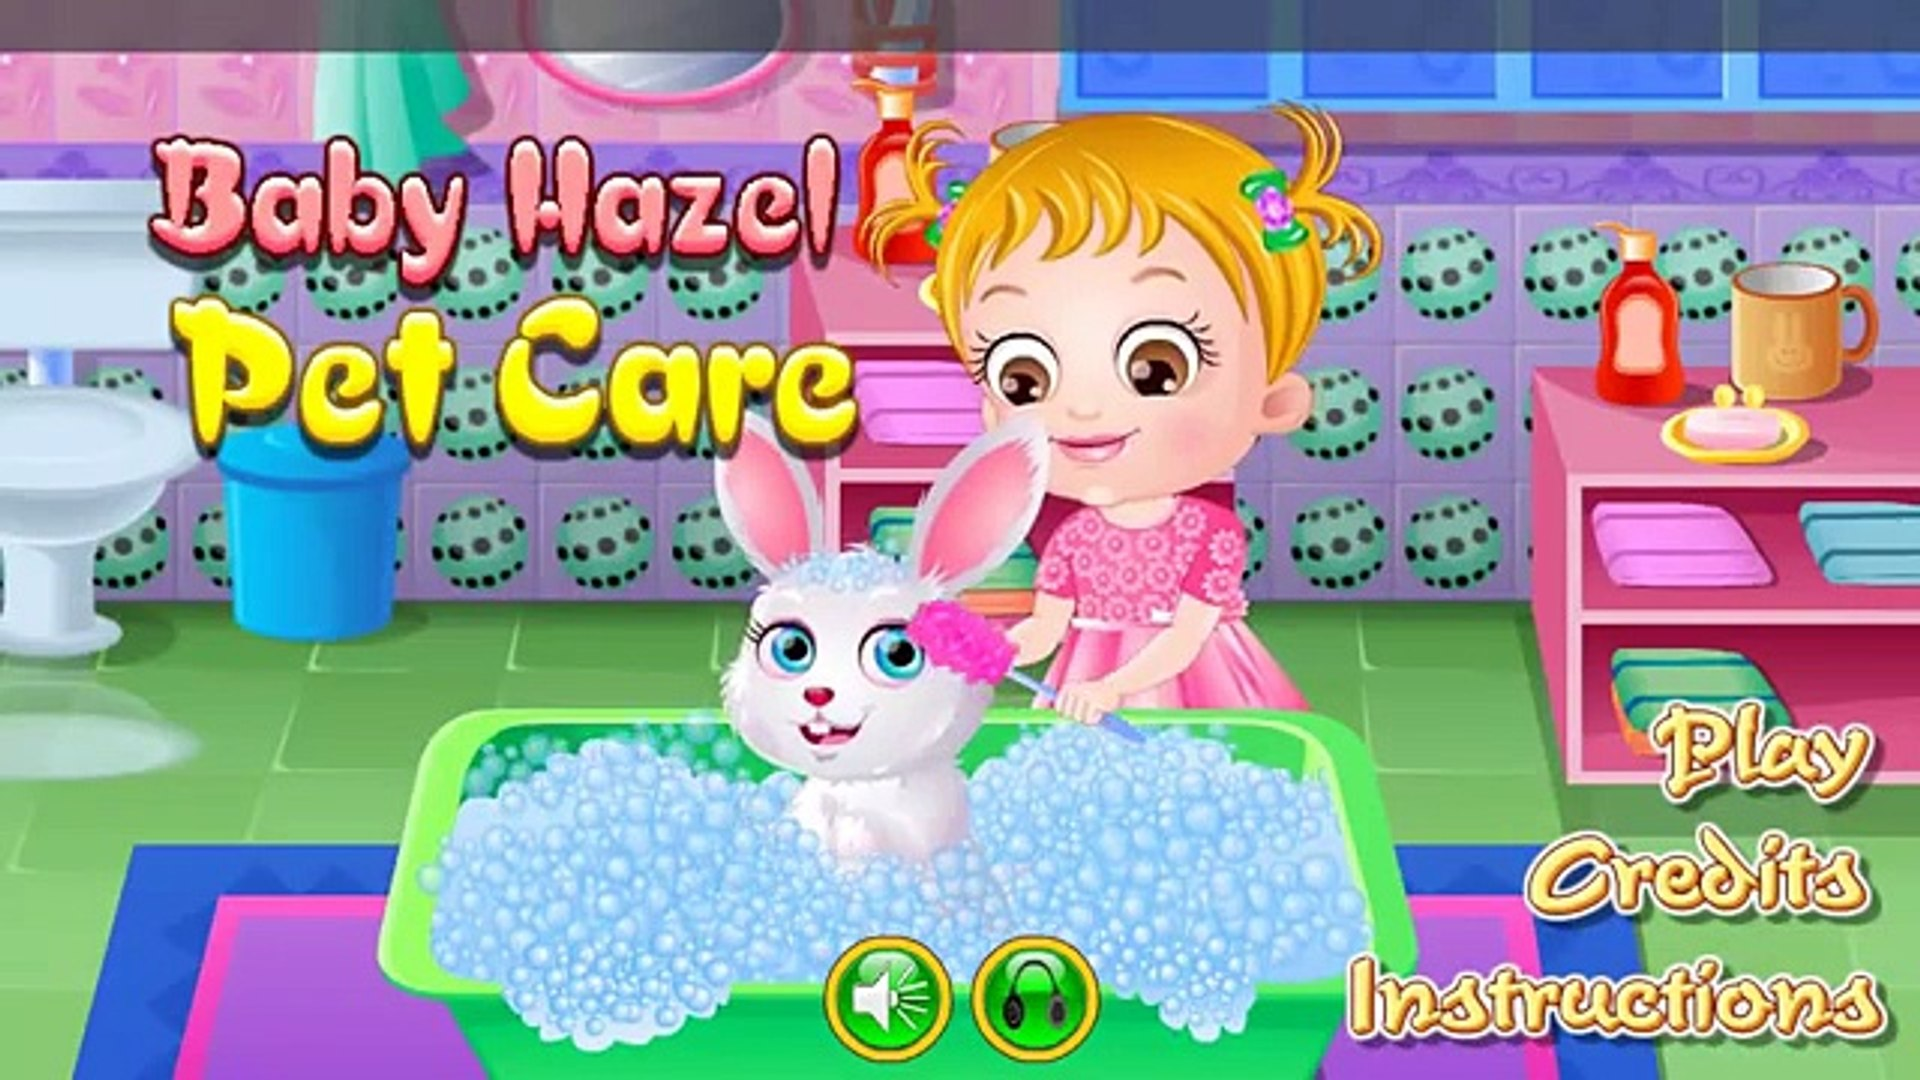 Baby Hazel Pet Care - Baby Hazel game - Baby Hazel for Babies & Kids - Top Baby Games